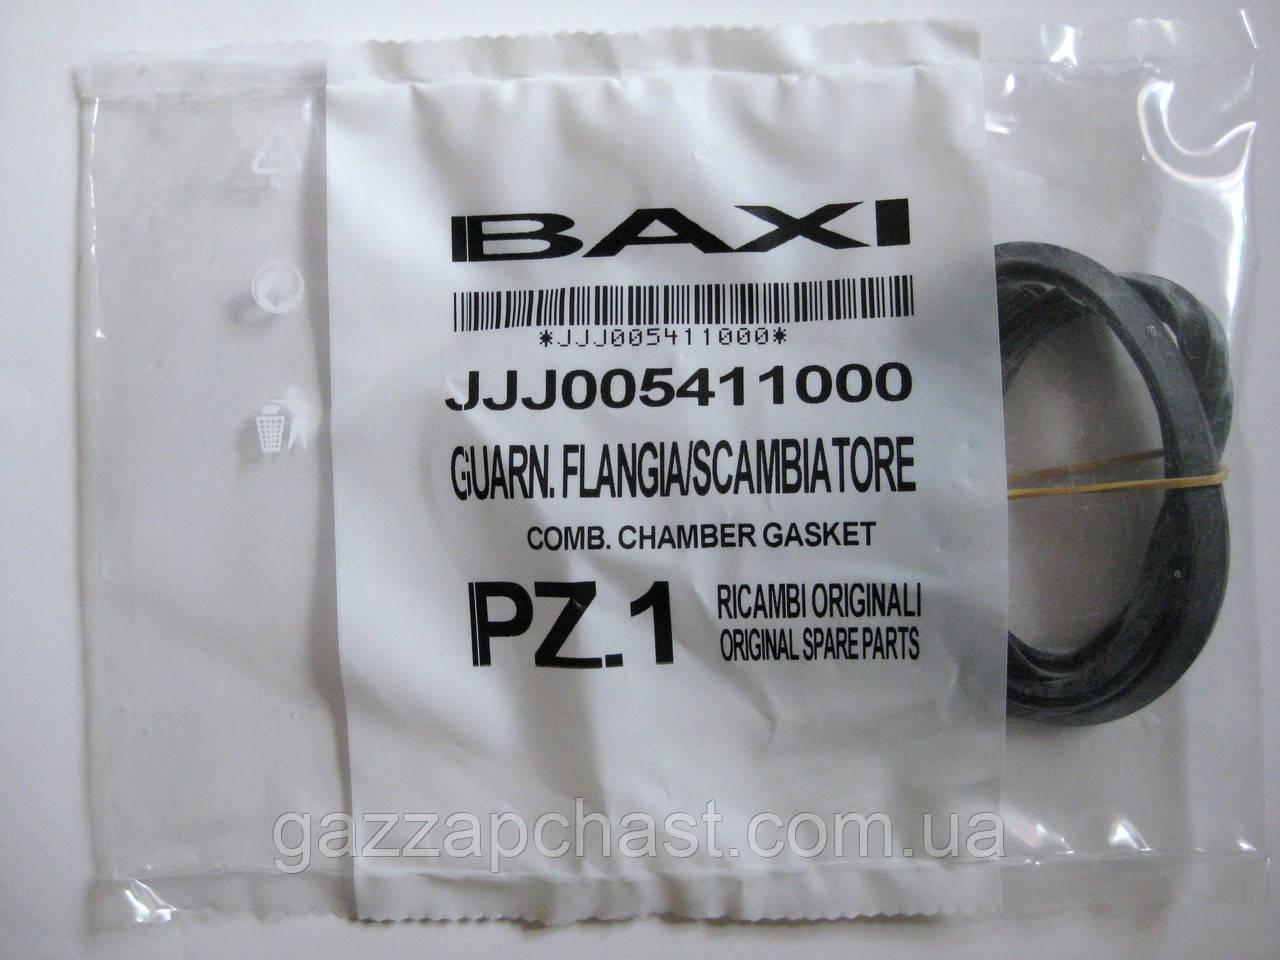 Прокладка уплотнительная камеры сгорания конденсационных котлов Baxi / Westen (5411000)